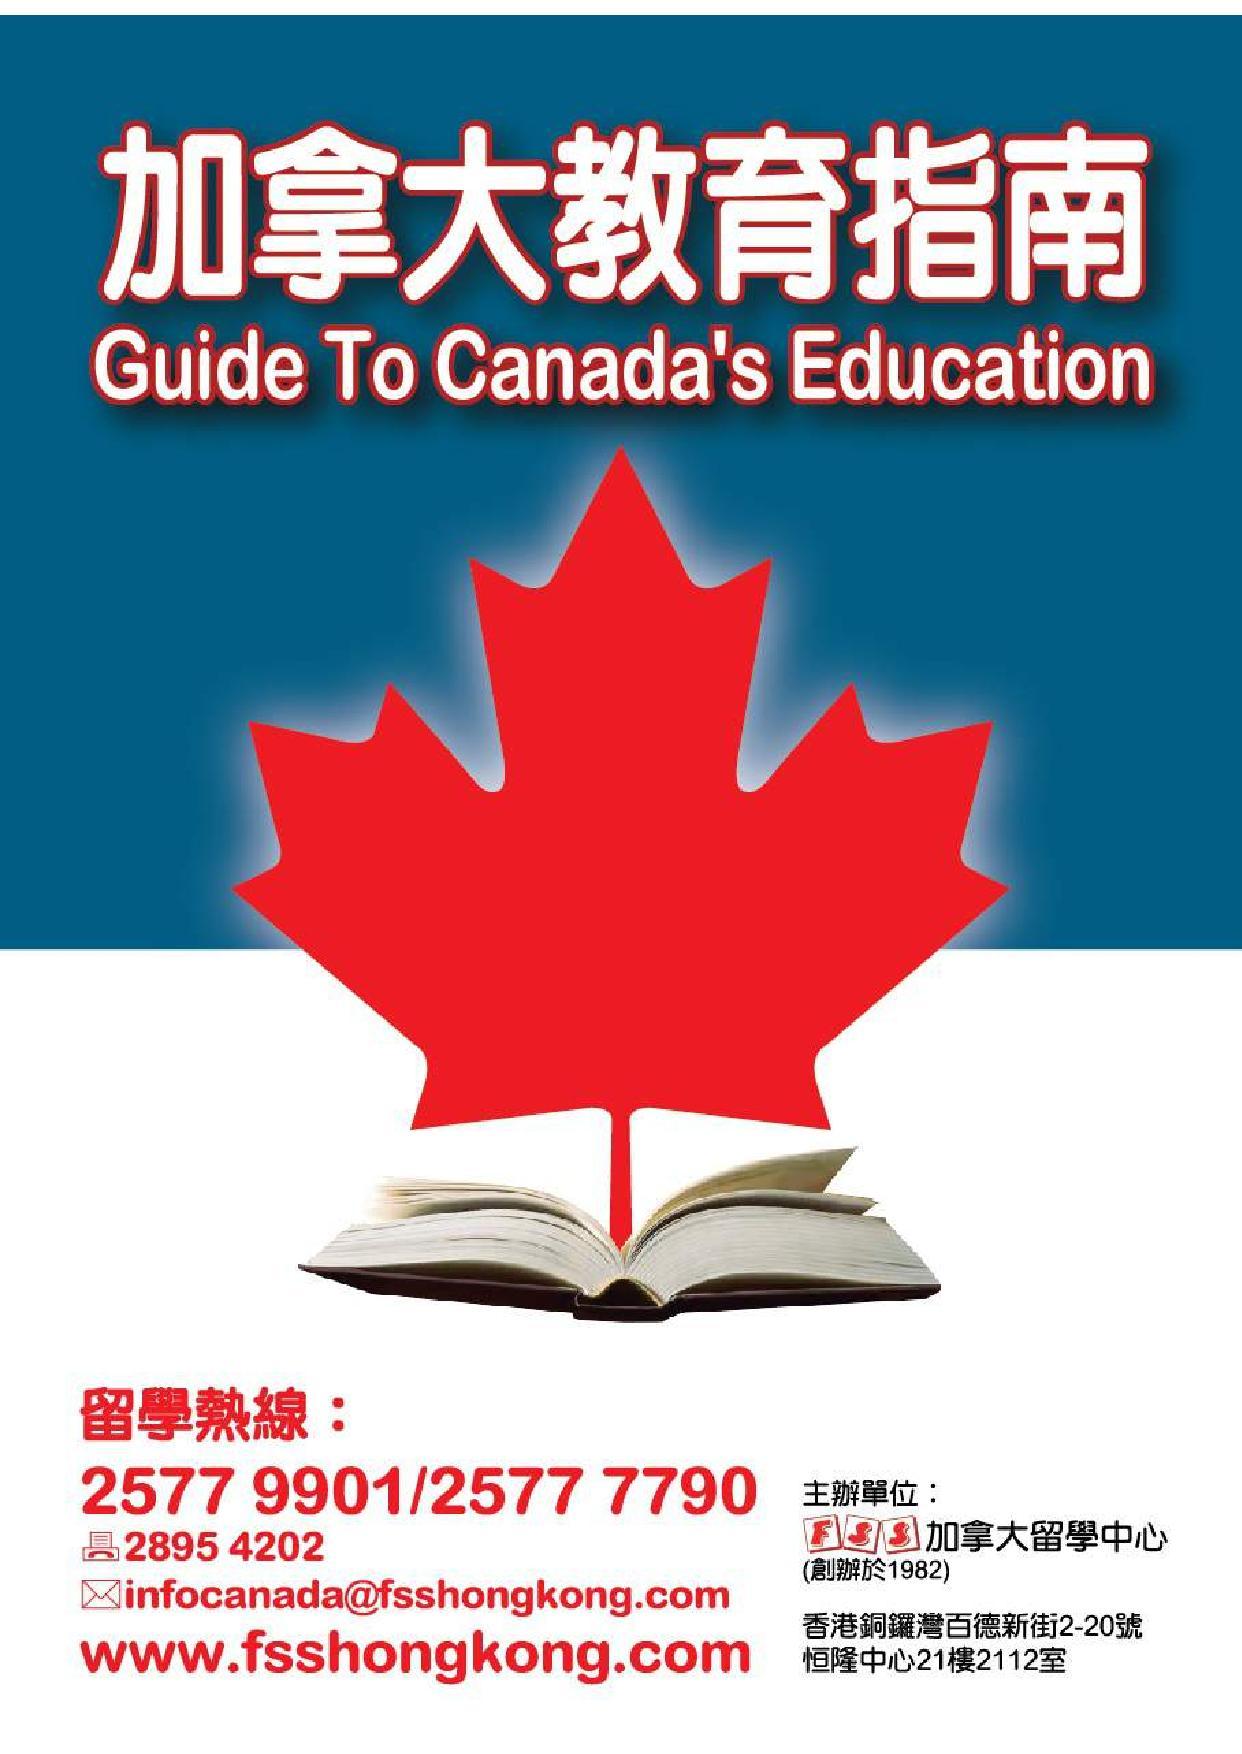 2014 加拿大教育指南 - 001